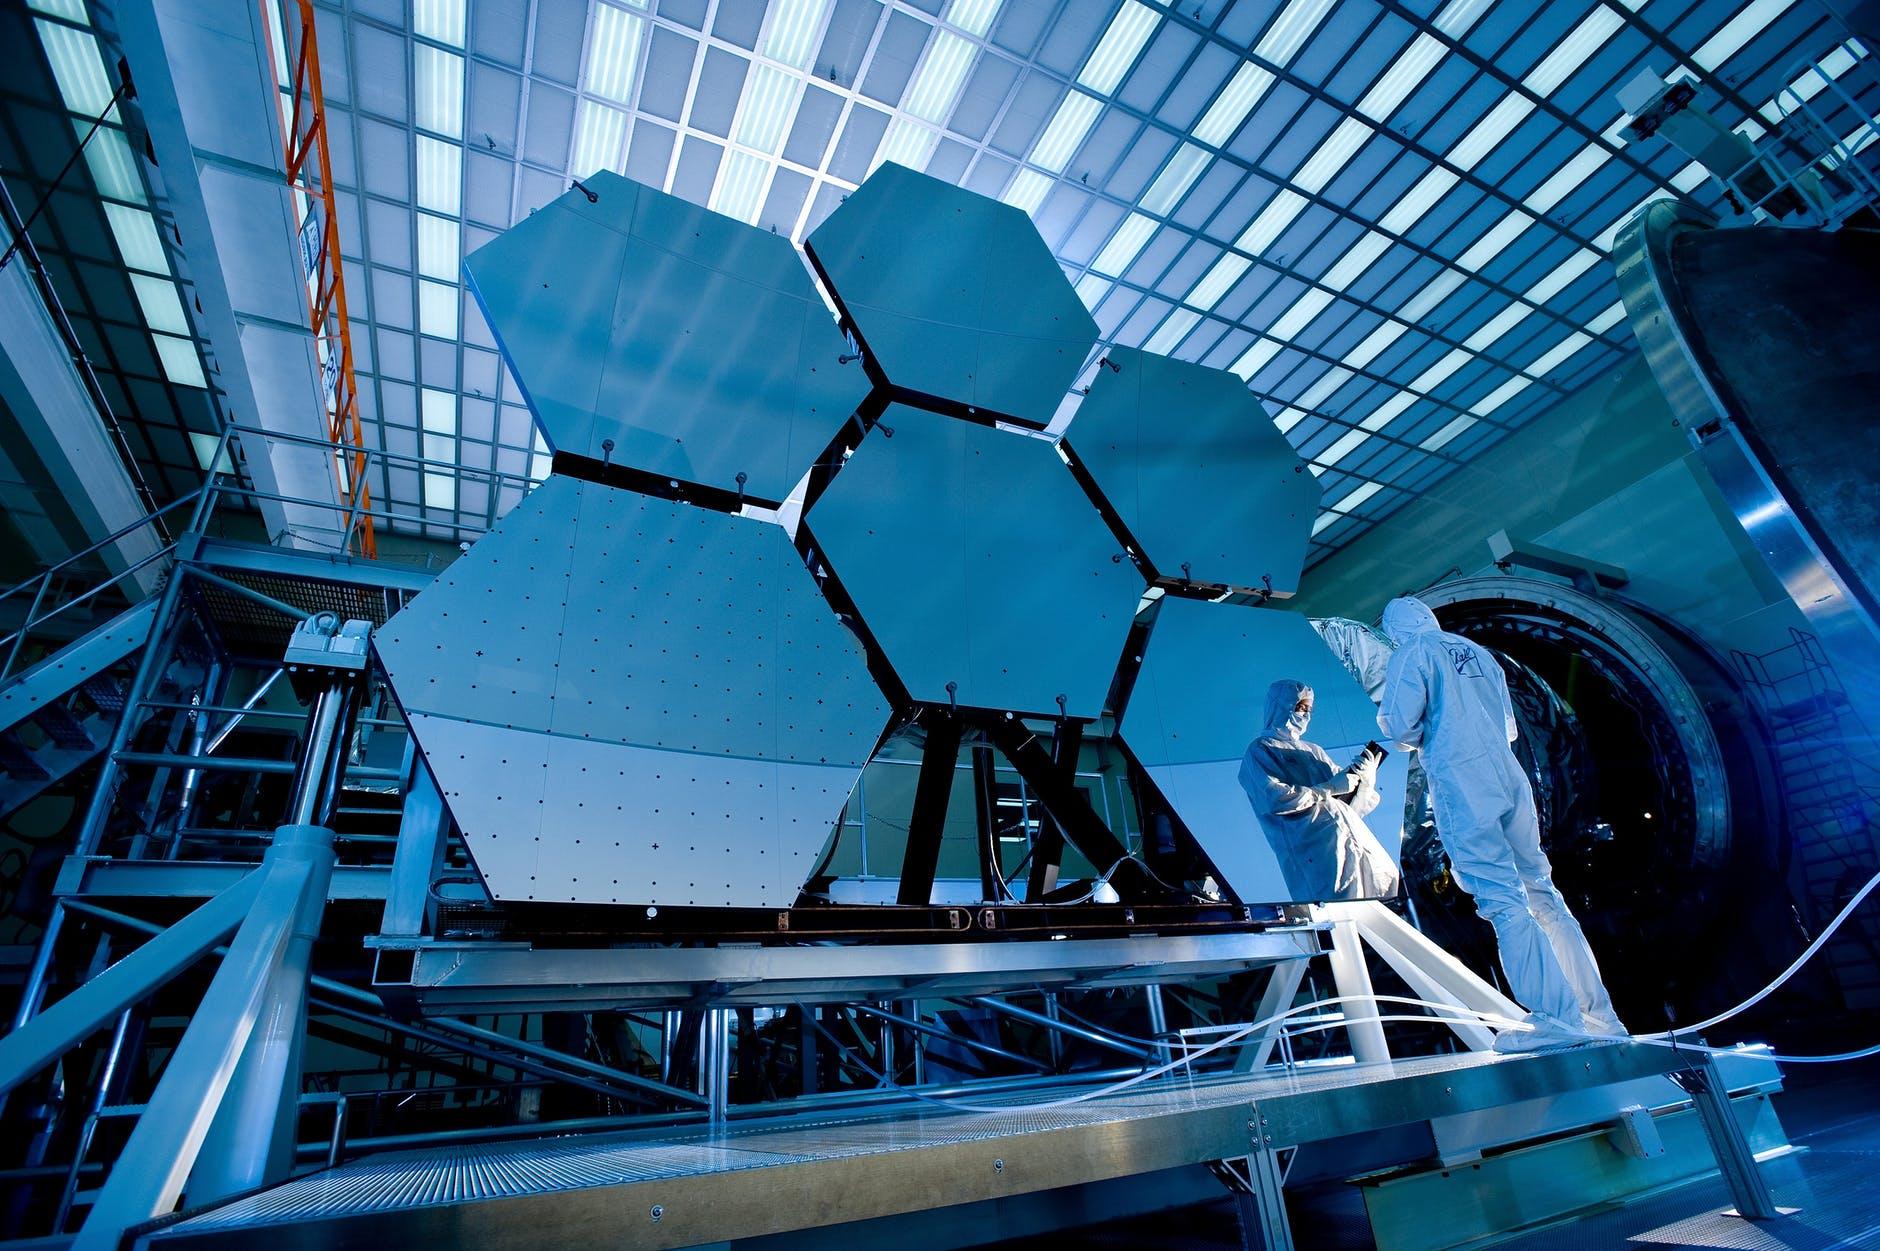 Forschung und Entwicklung von neuen Technologien der solaren Stromerzeugung